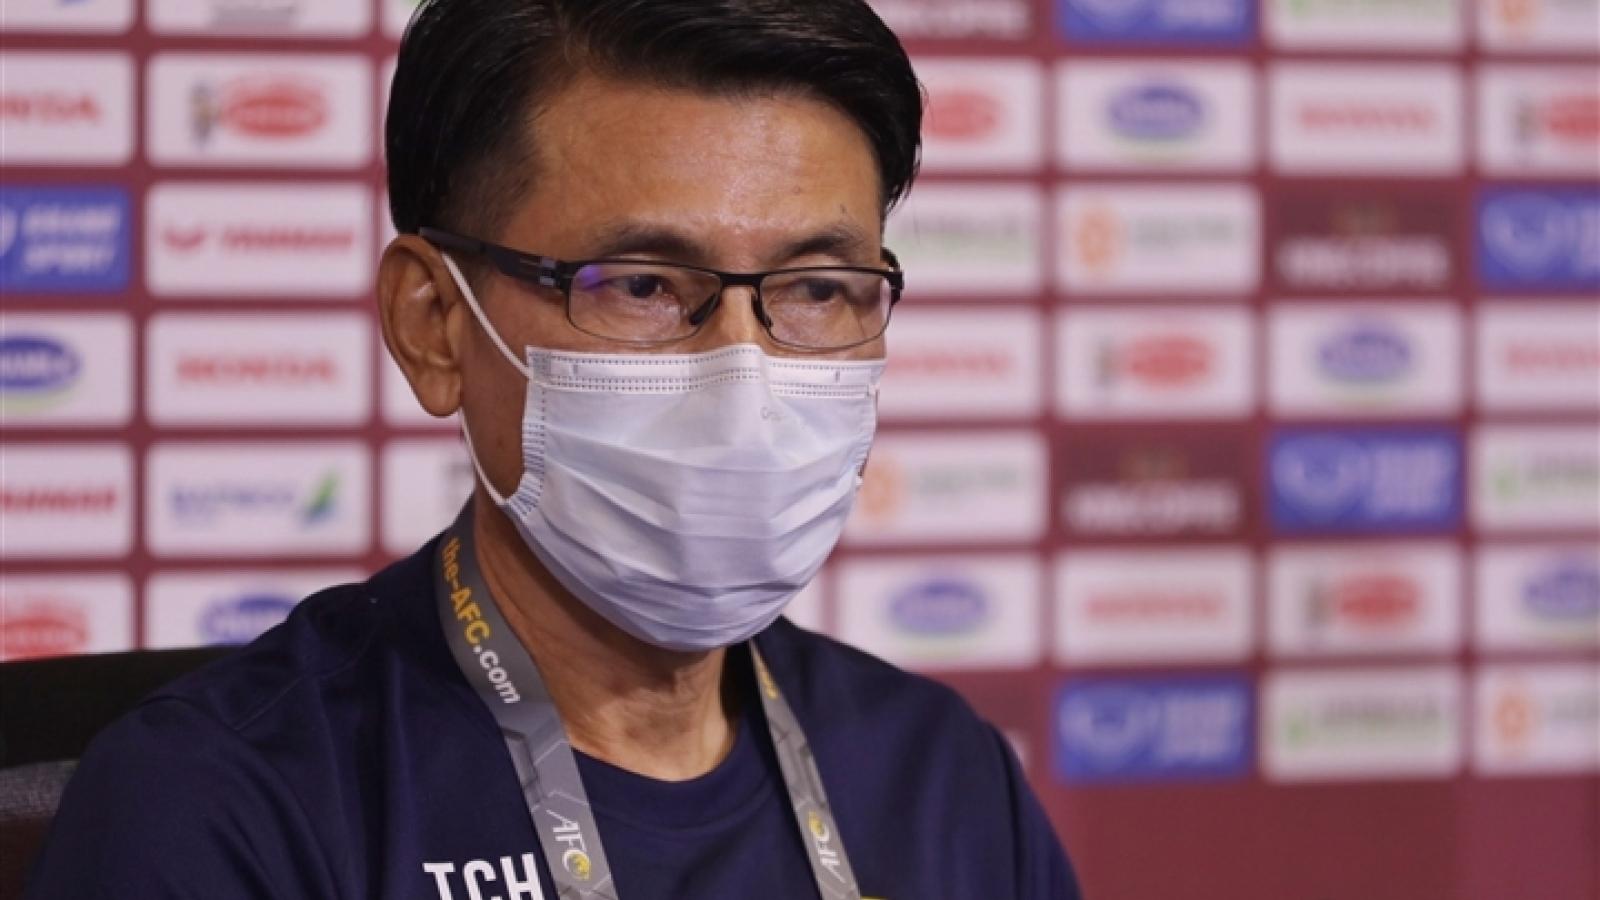 Cha của HLV Tan Cheng Hoe qua đời trước trận ĐT Malaysia – ĐT Việt Nam